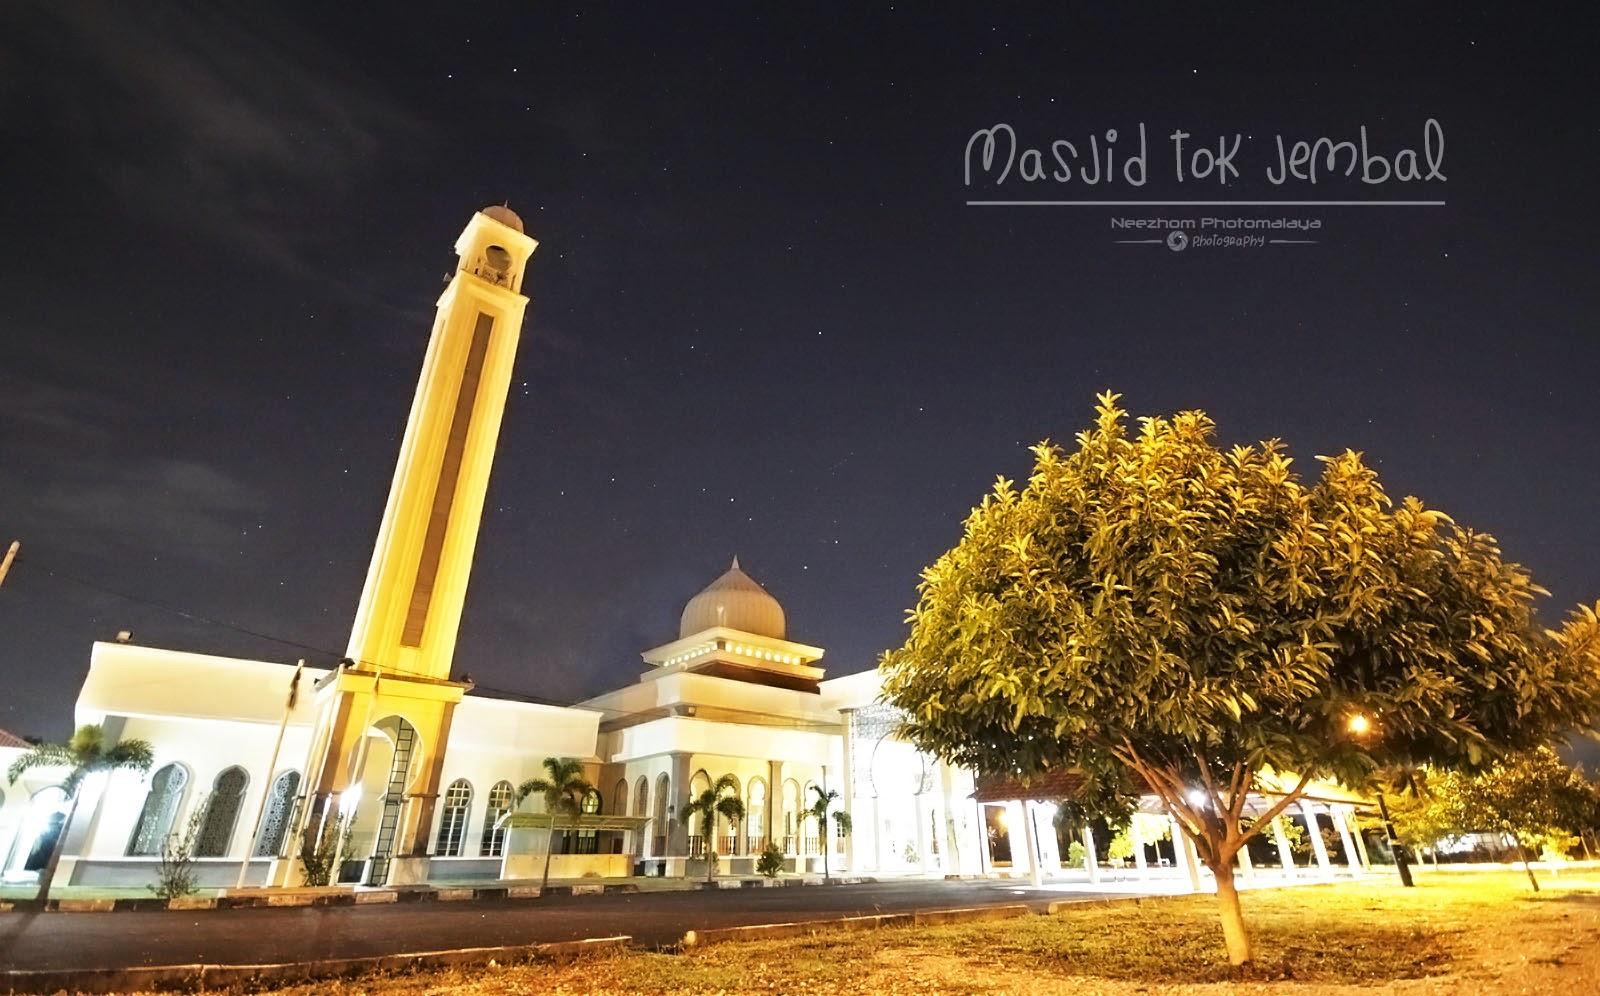 Masjid Tok Jembal night shot